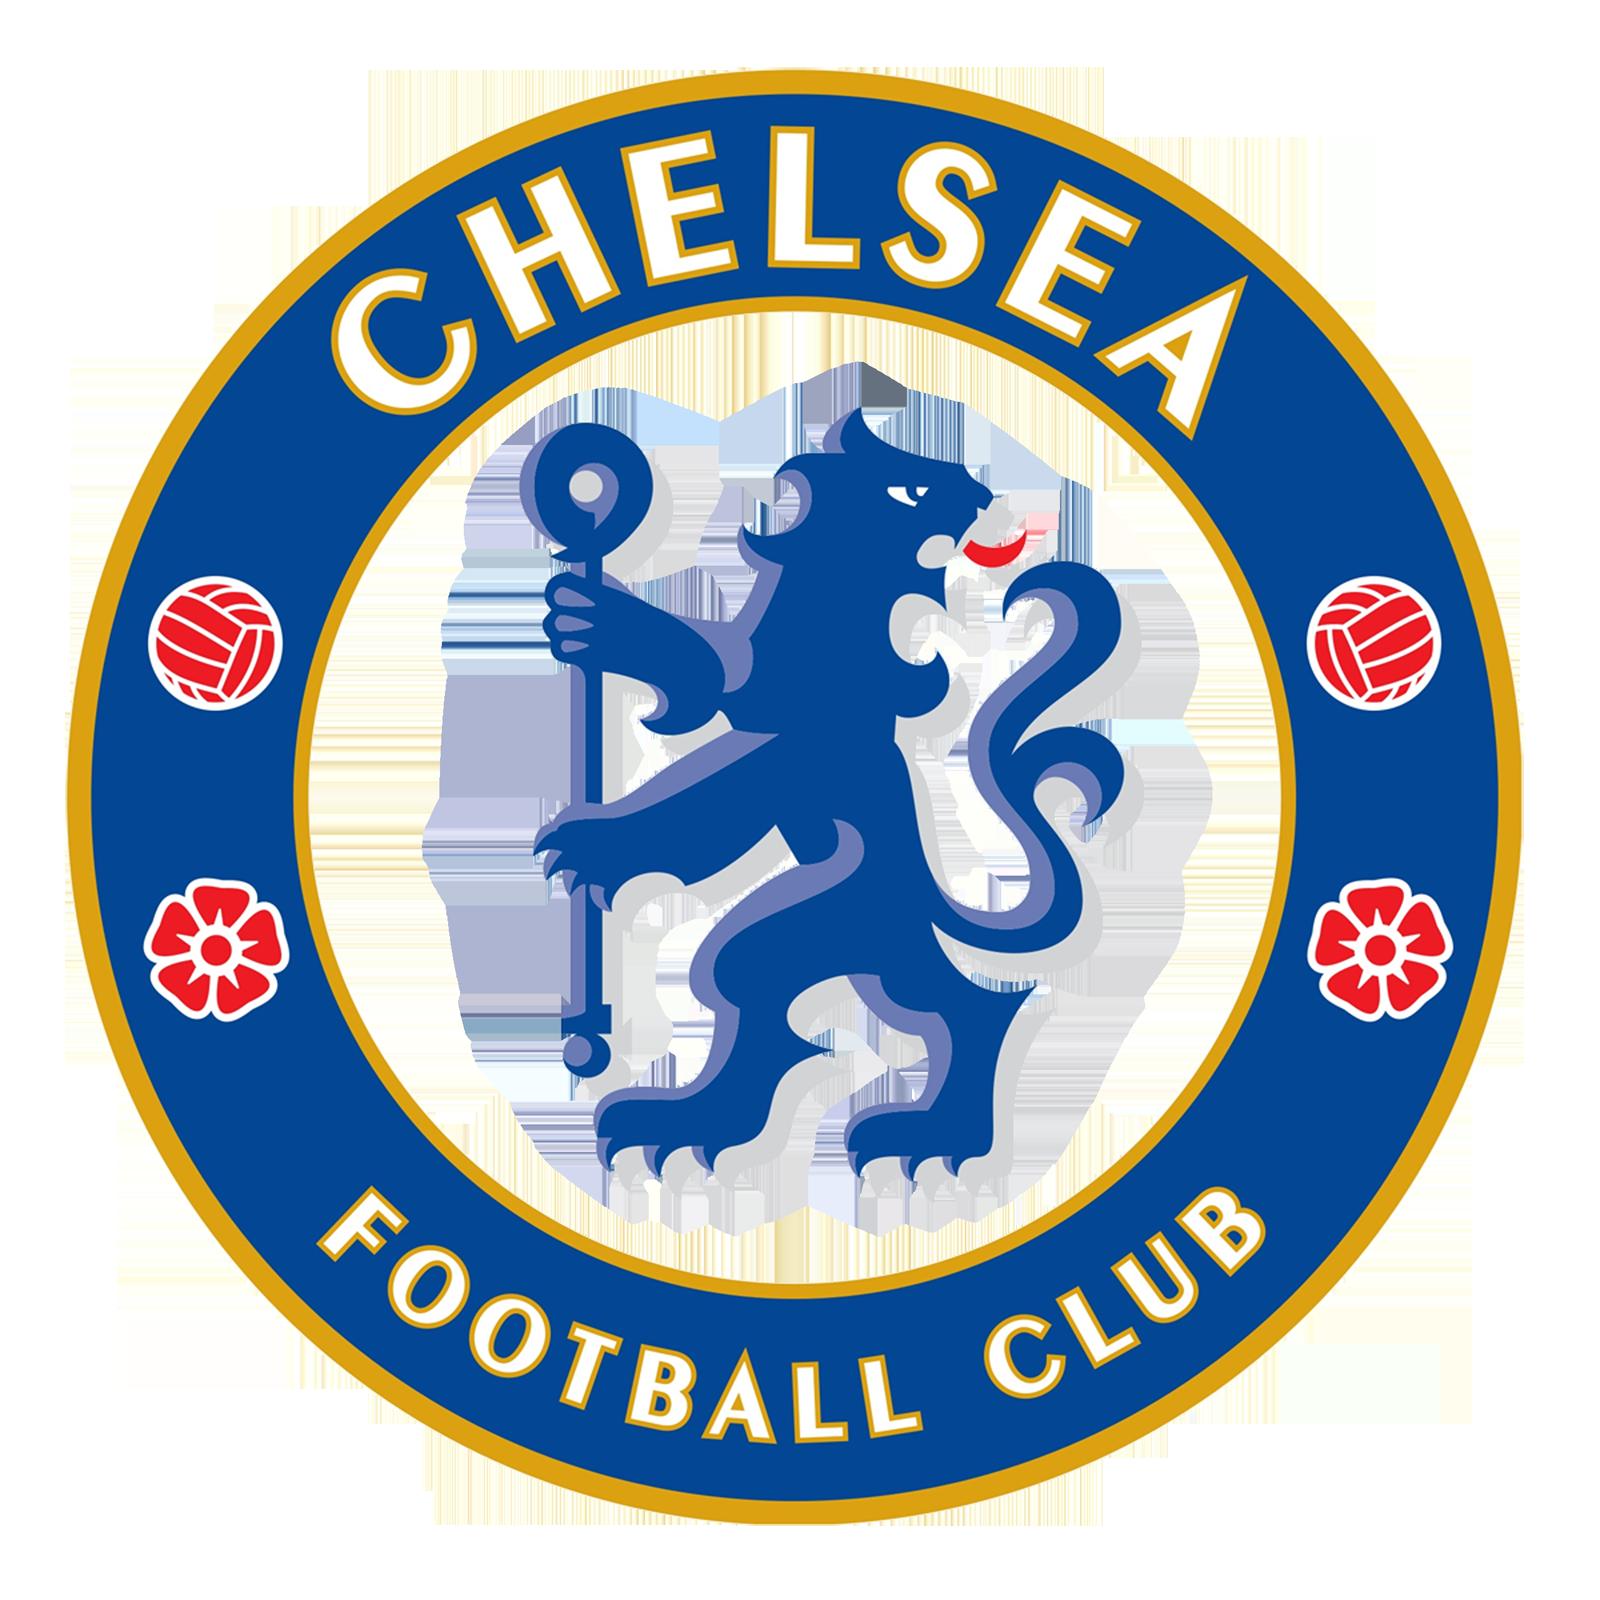 Chú sư tử xanh thành LonDon - Chelsea